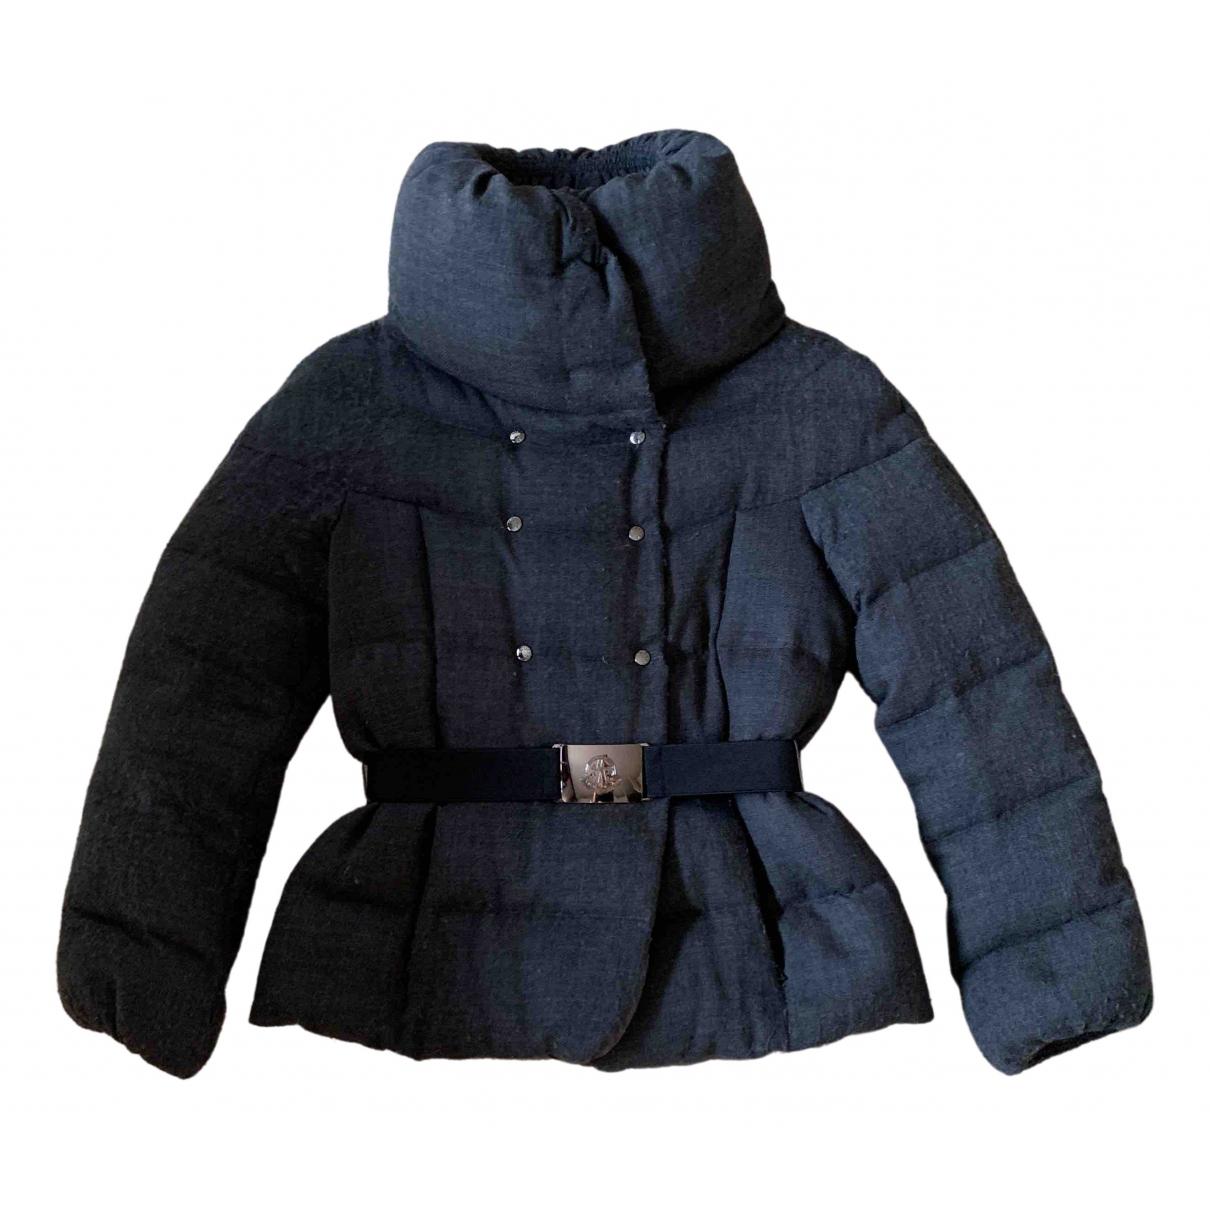 Moncler - Manteau Classic pour femme en laine - anthracite